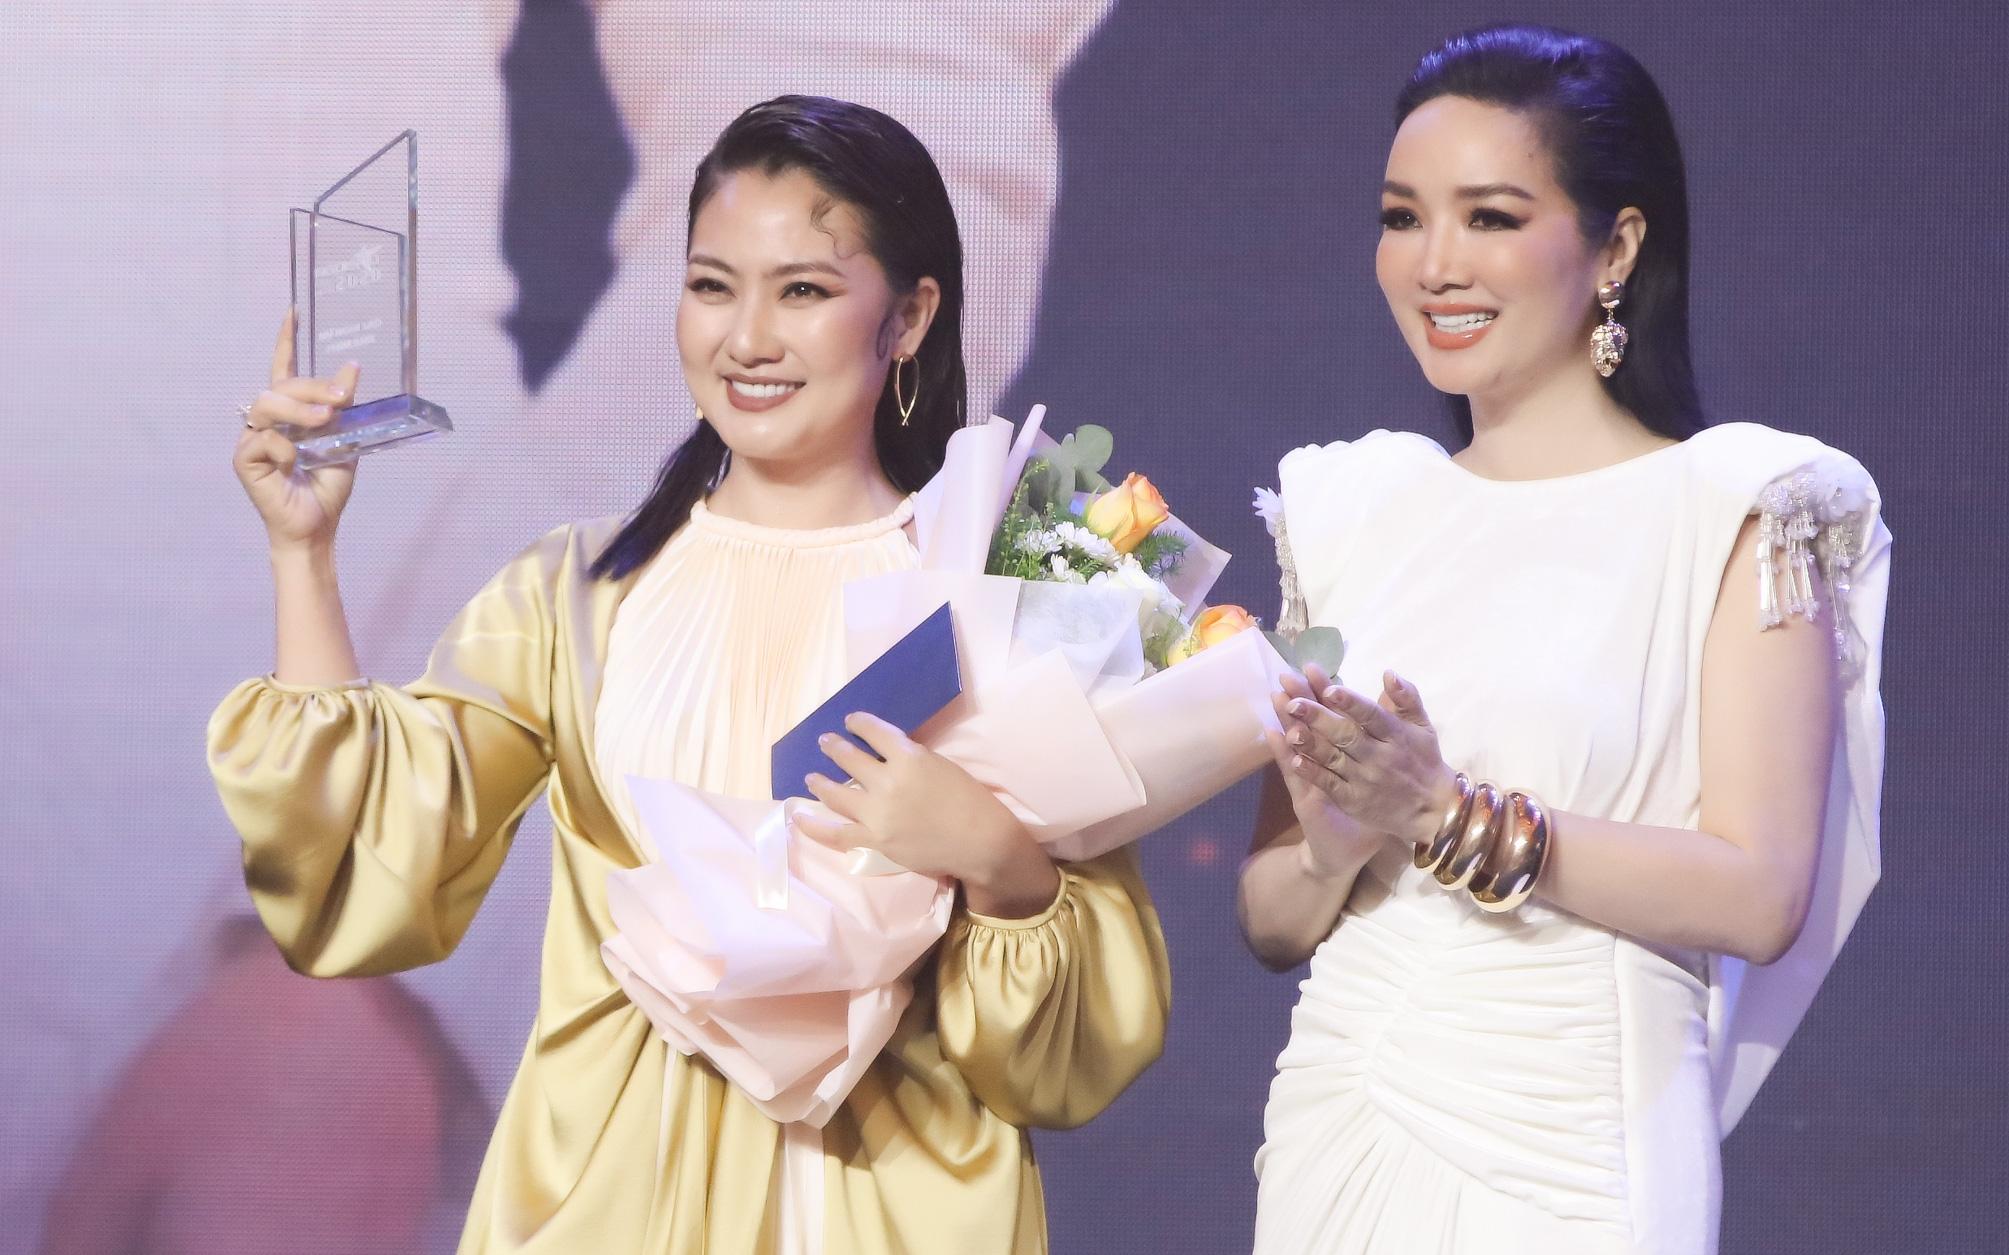 Cuối năm, Ngọc Lan bội thu giải thưởng nhờ vai phản diện trong phim VTV